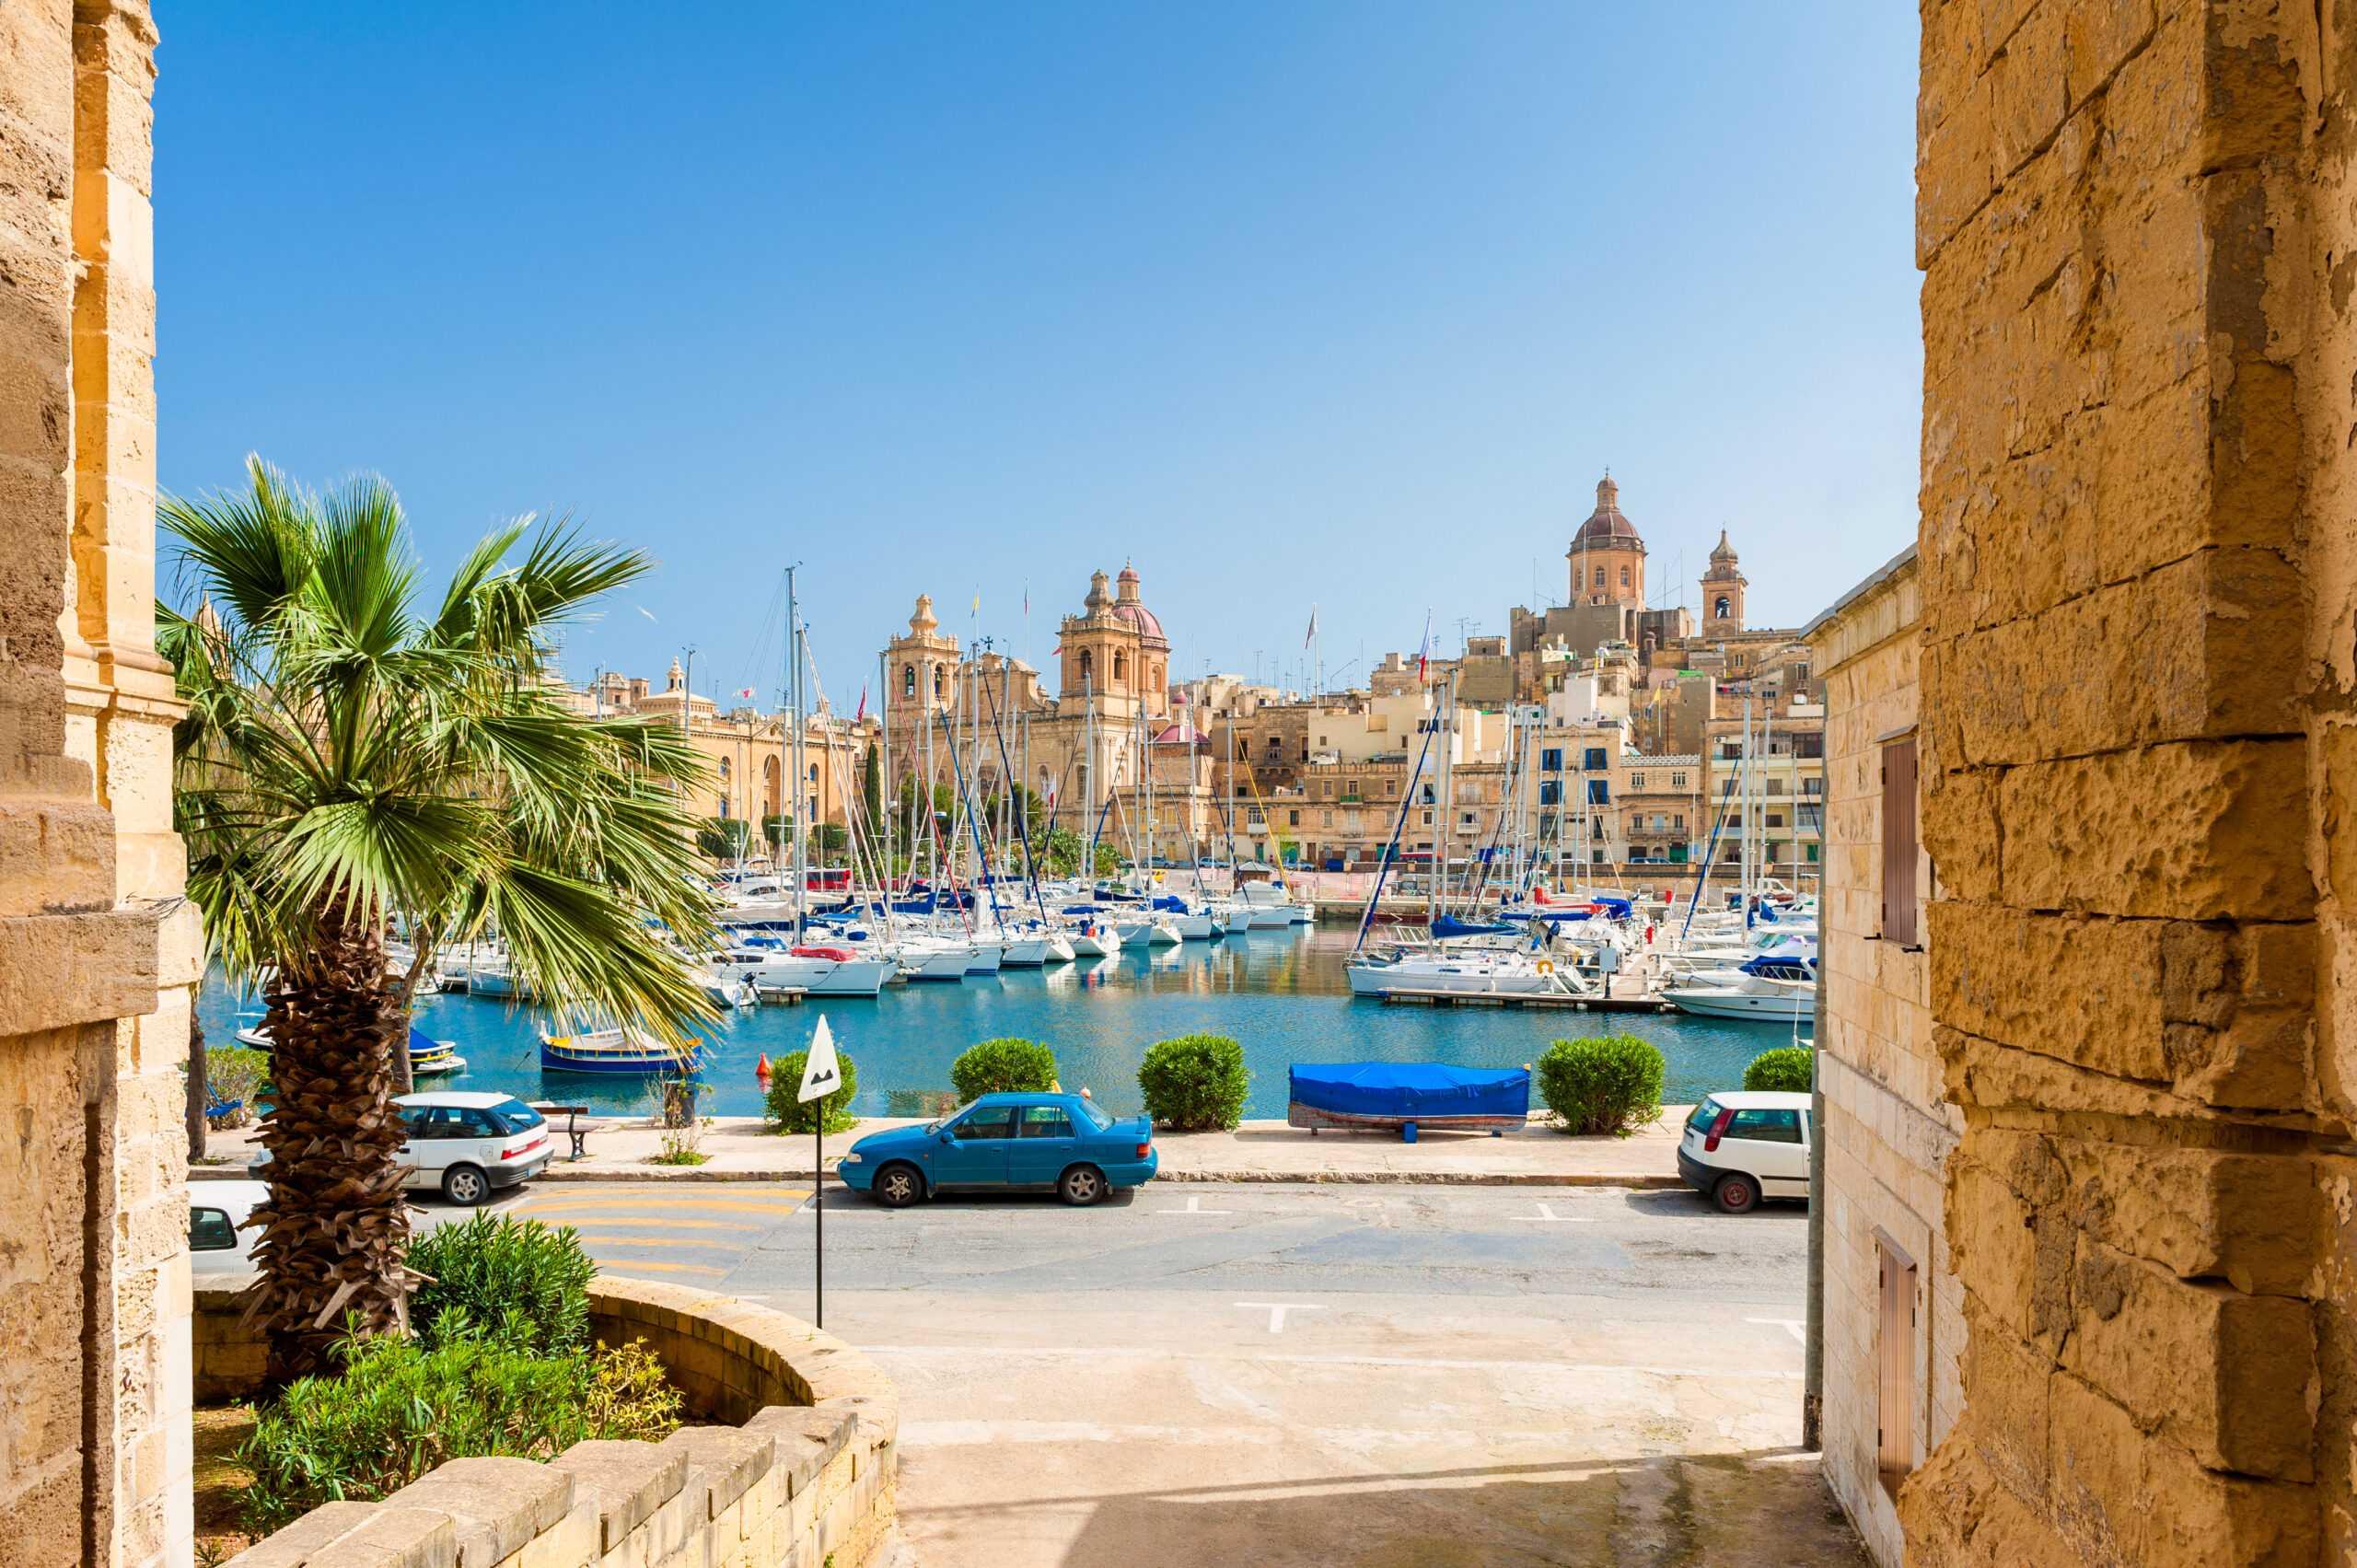 право постоянного проживания на Мальте